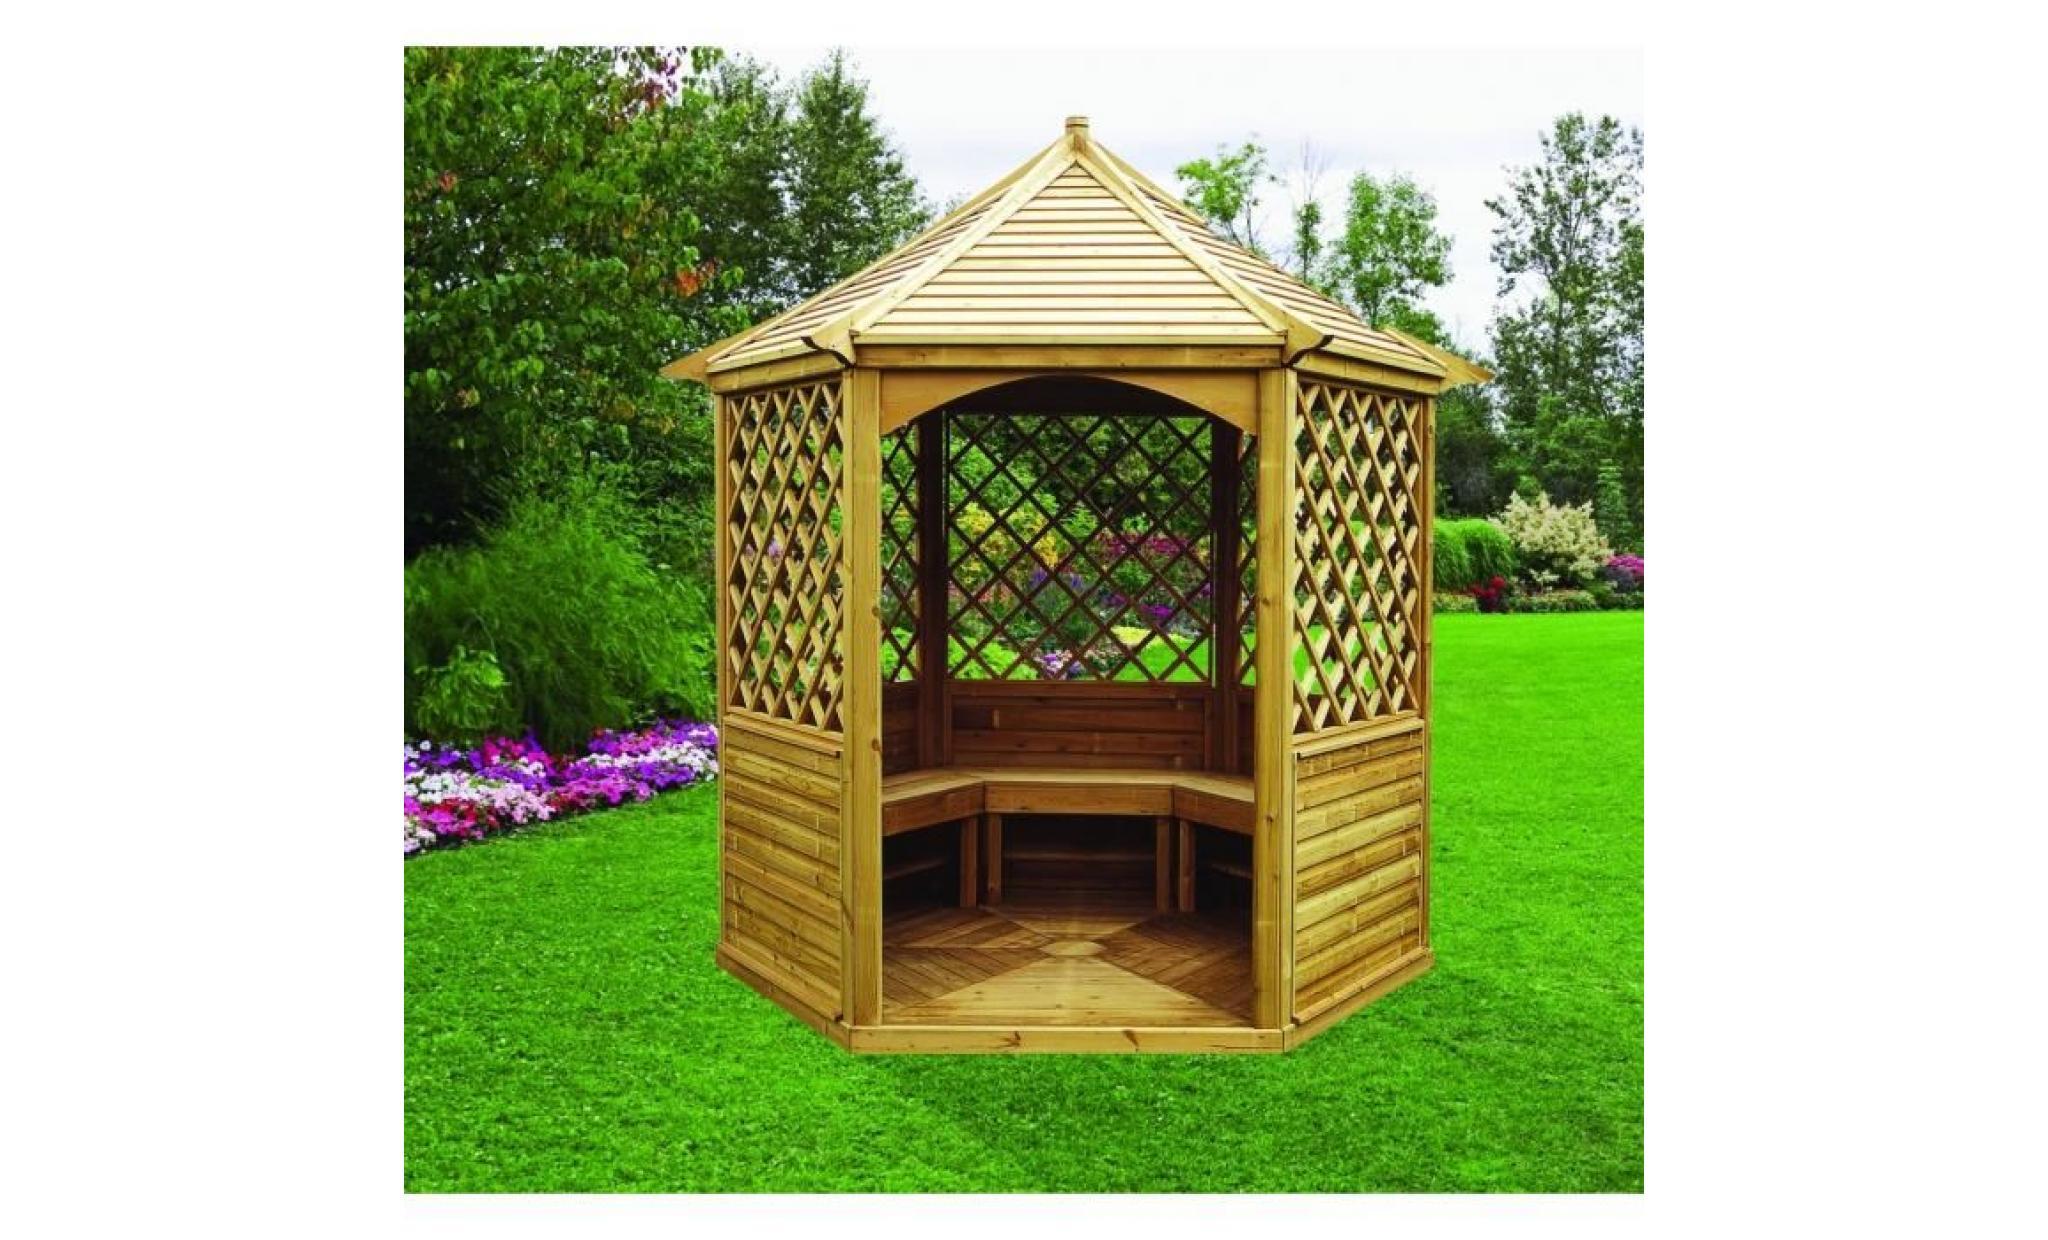 Kiosque Pavillon Hexagonal 7,30M² - Toiture En Bois pour Kiosque De Jardin En Bois Pas Cher